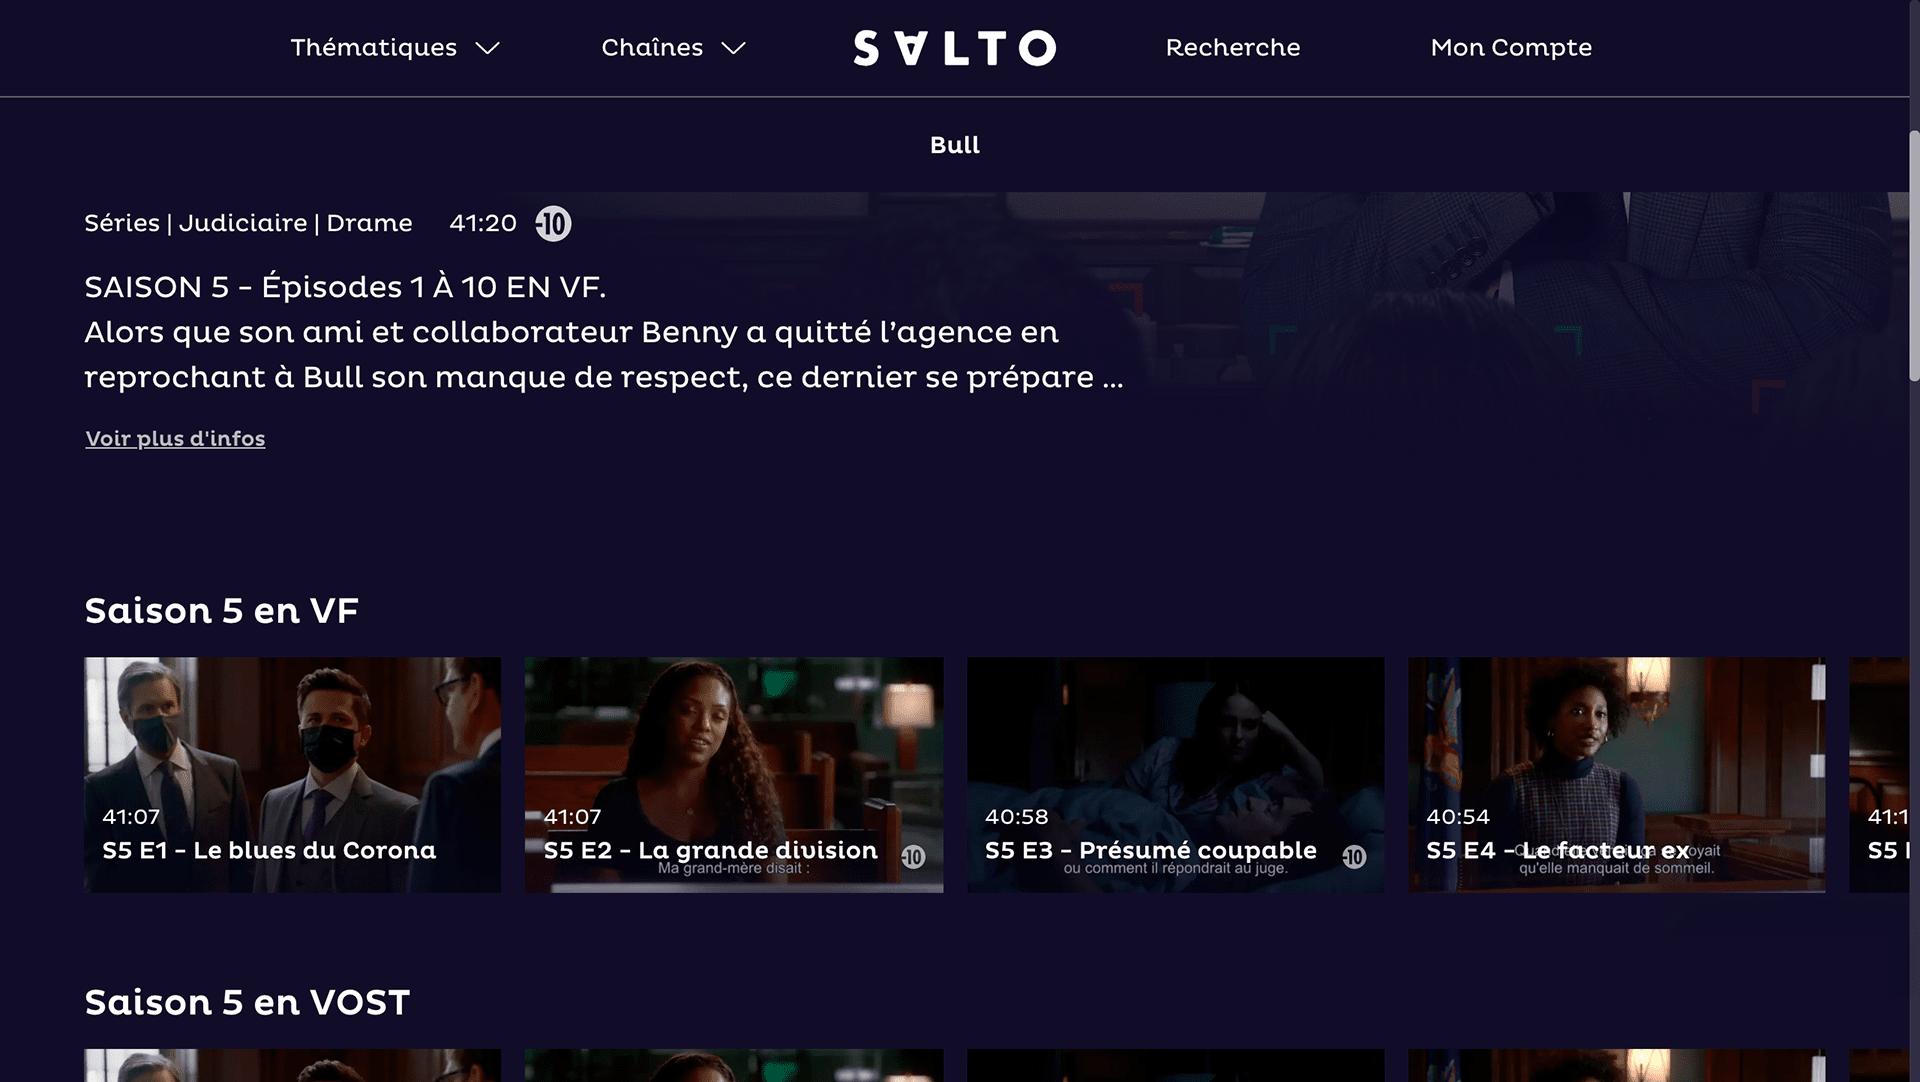 Page de la série Bull issue du streaming avec un tri par saisons